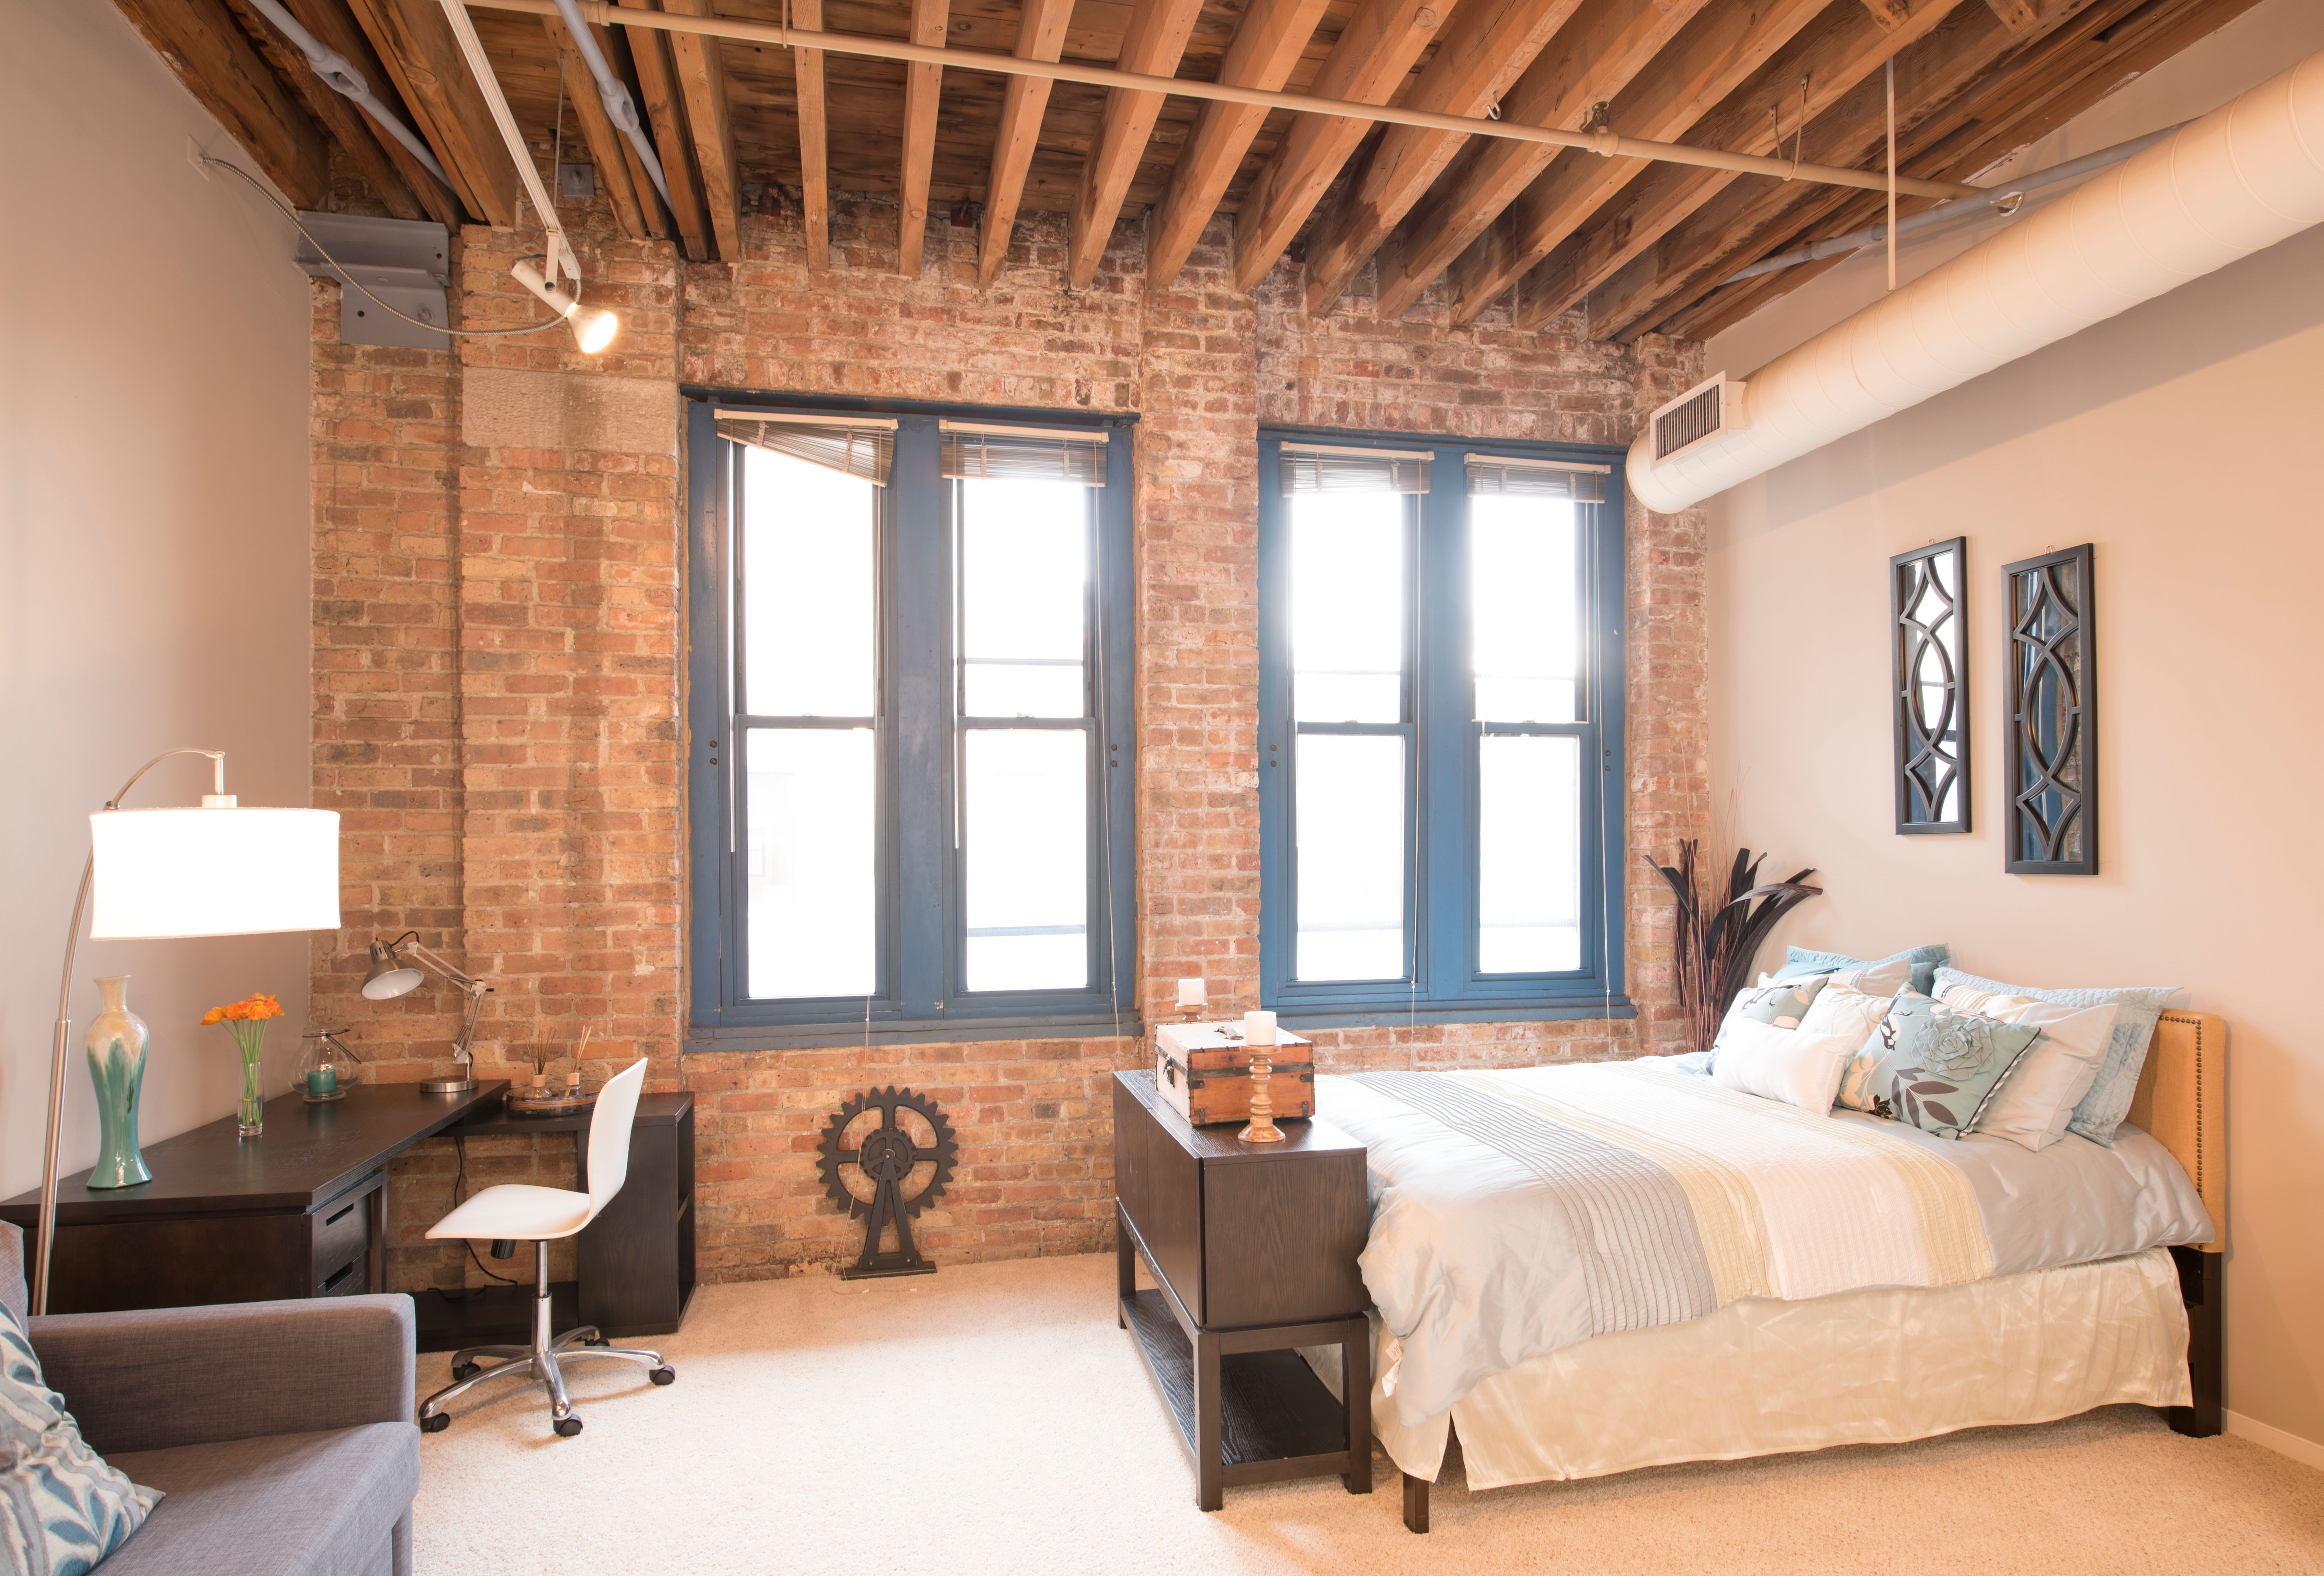 Cobbler Square Loft Apartments For Rent Chicago Brick Wall Bedroom Loft Apartment Brick Apartments